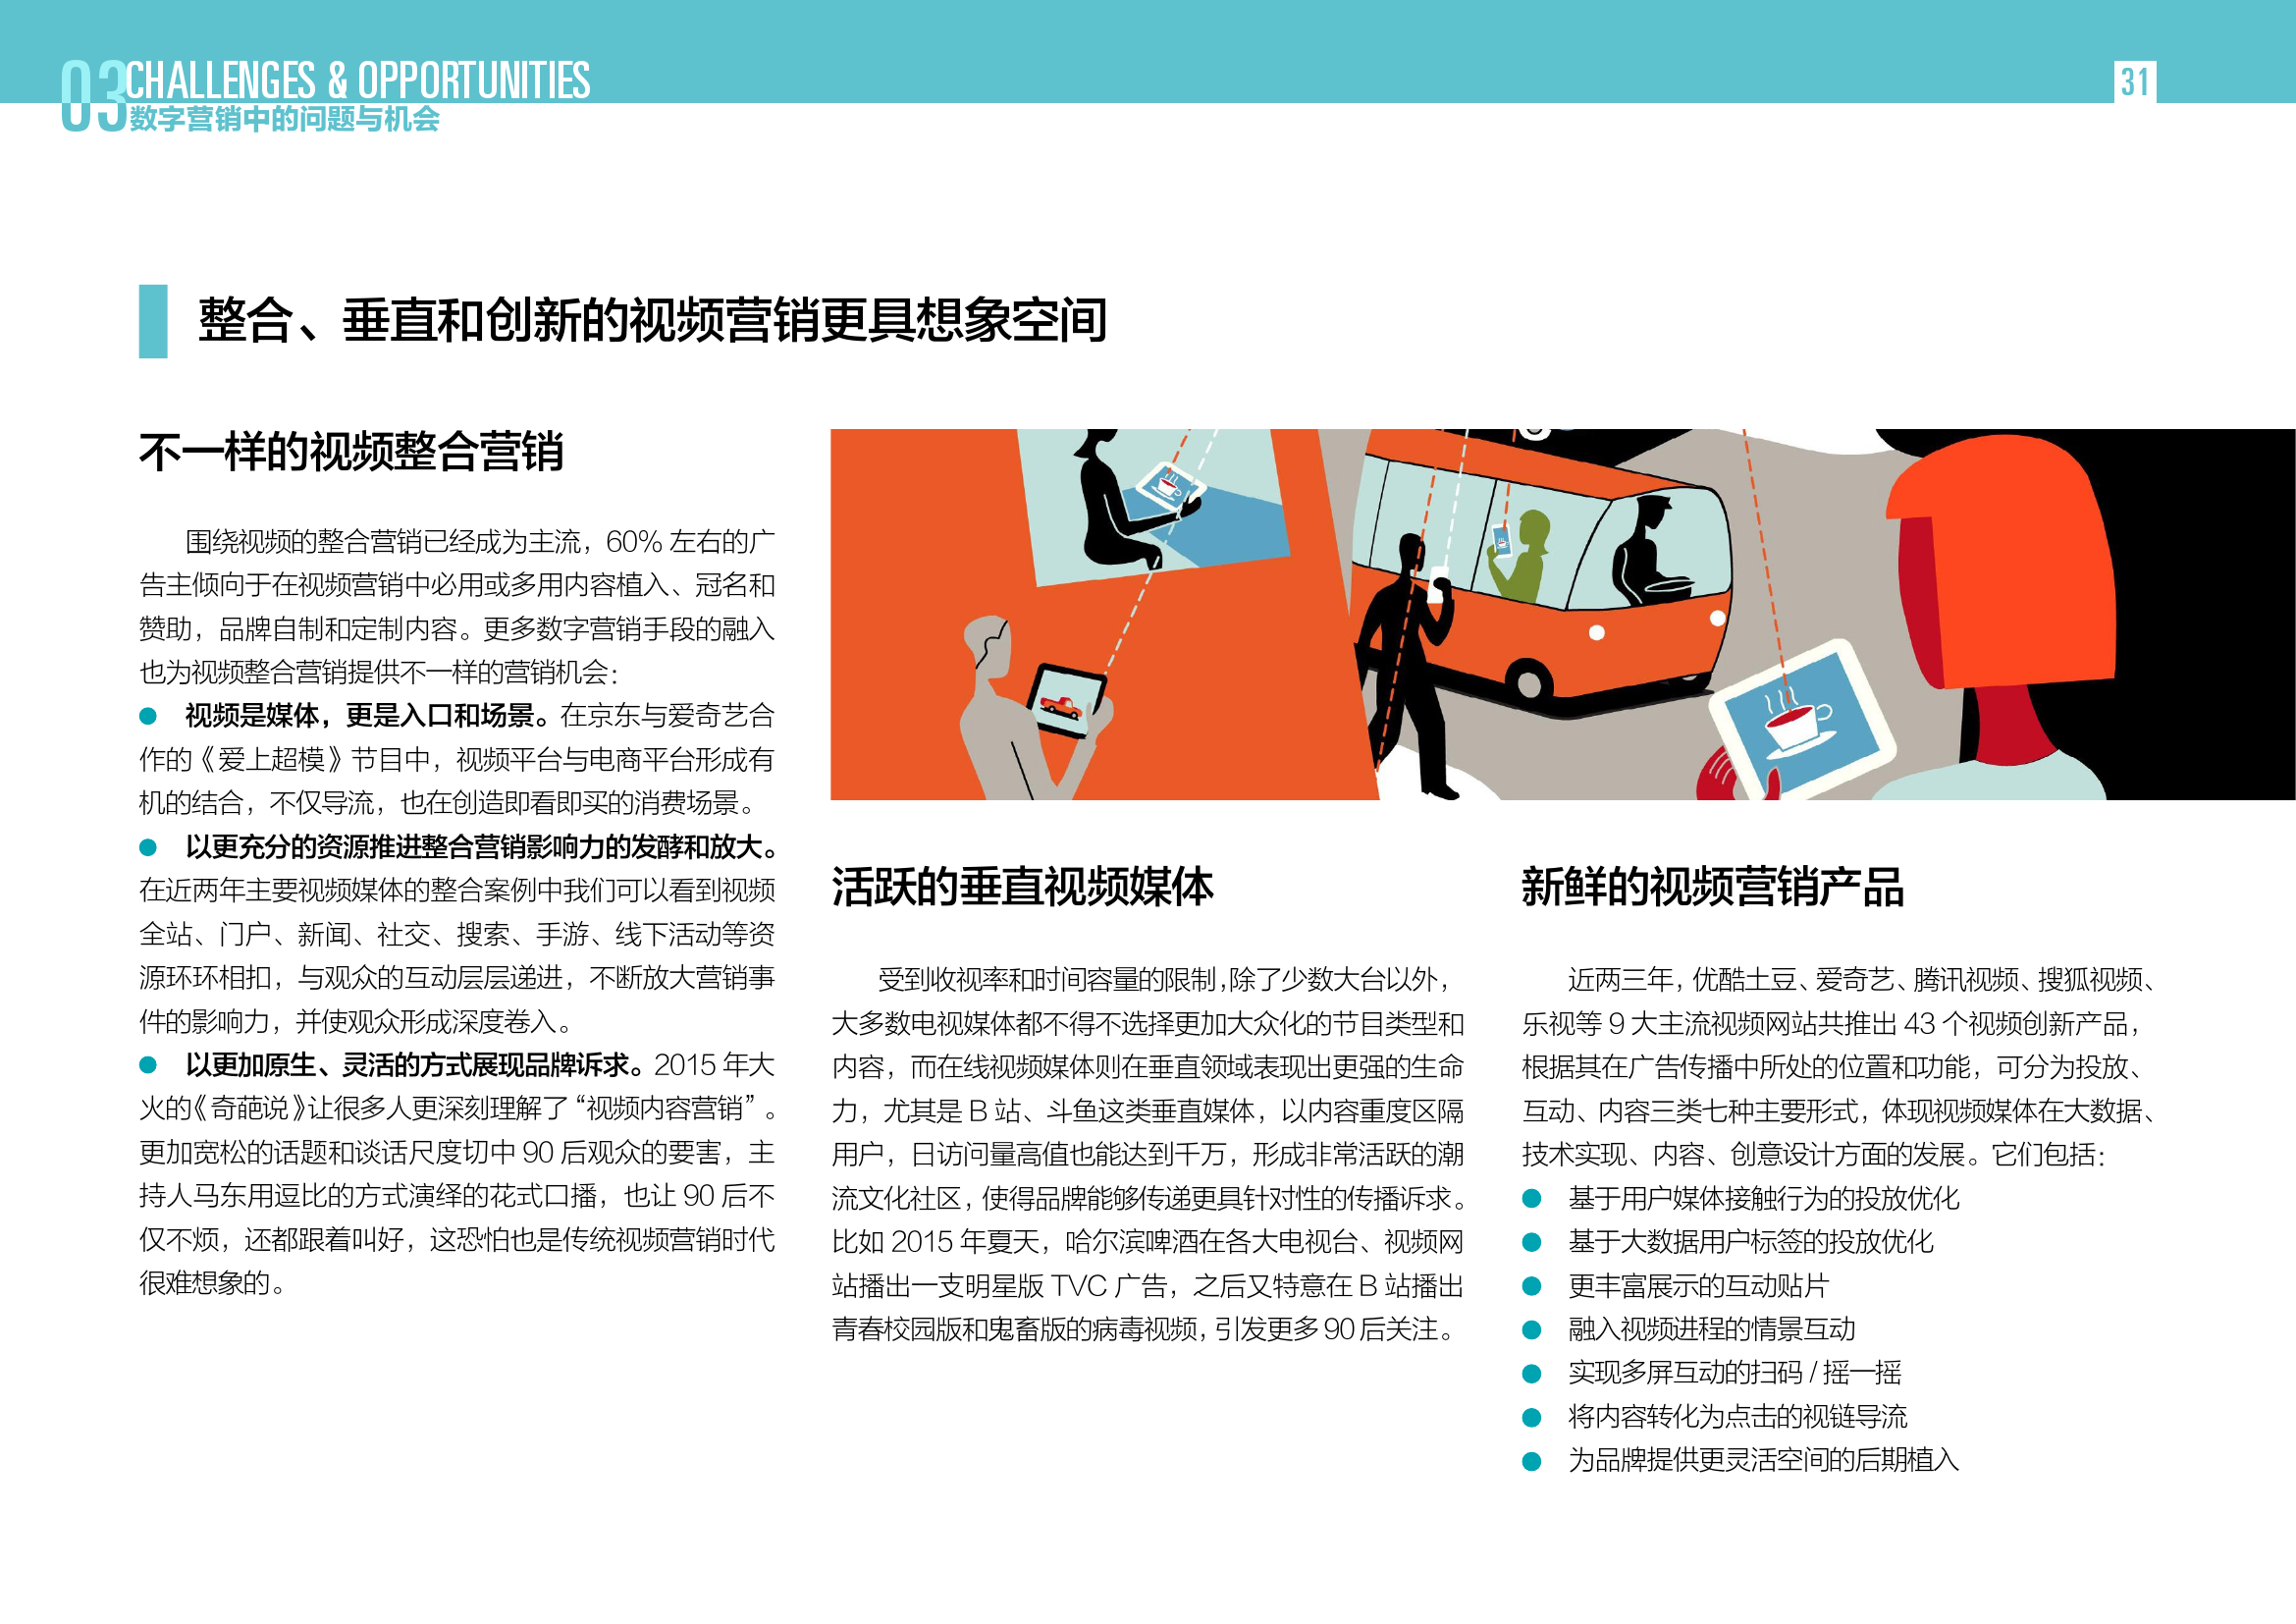 2016中国数字营销行动报告_000031